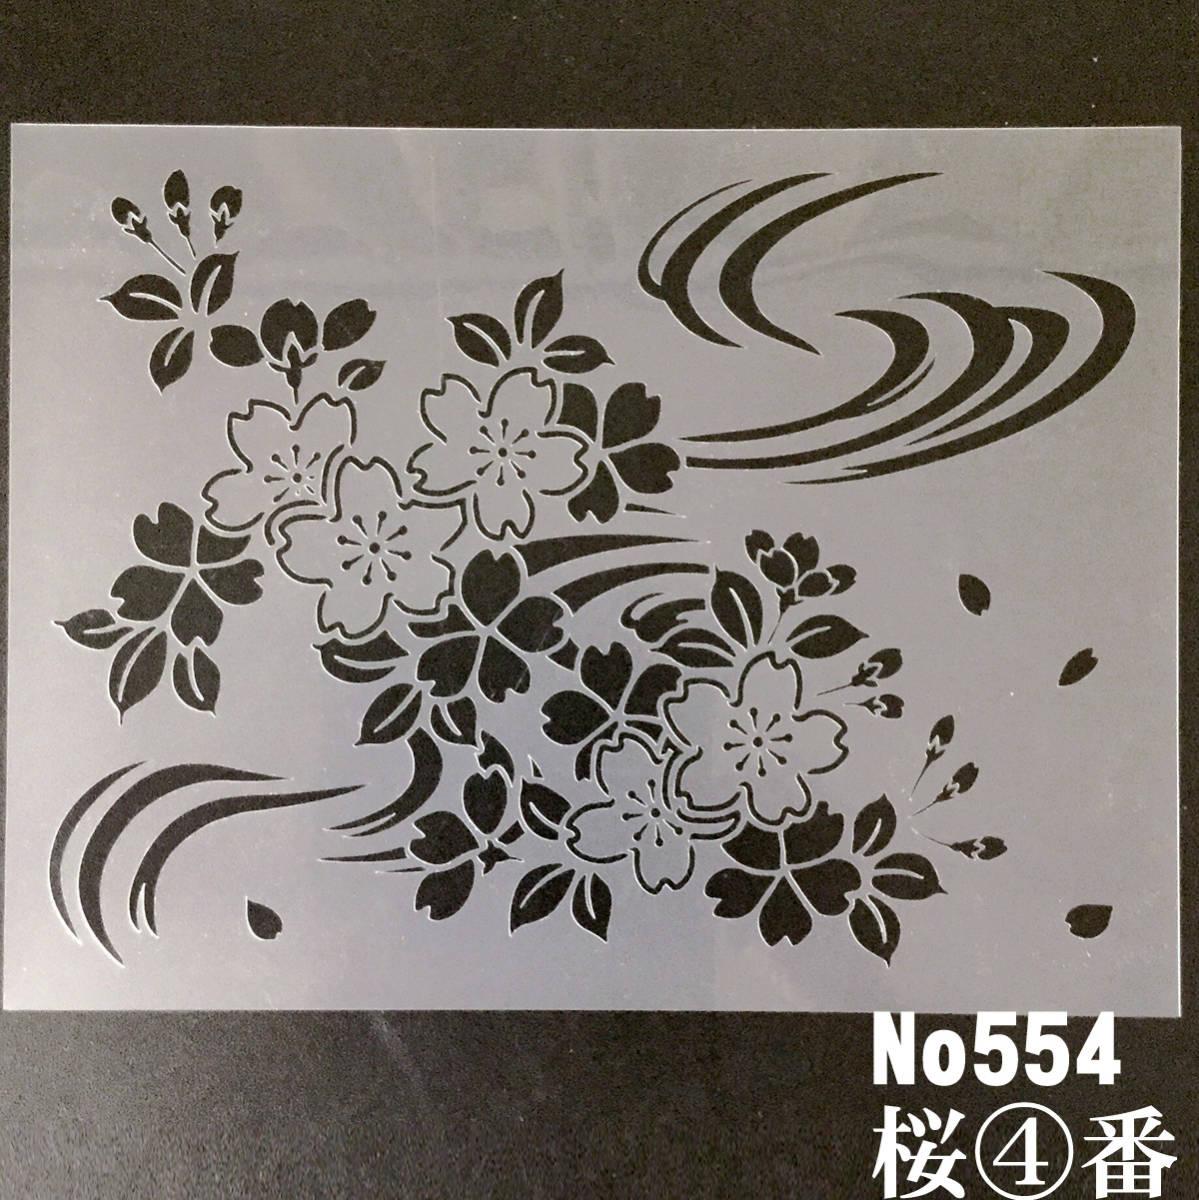 さくら4番 花 桜と流水 ステンシルシート 図案型紙 No554